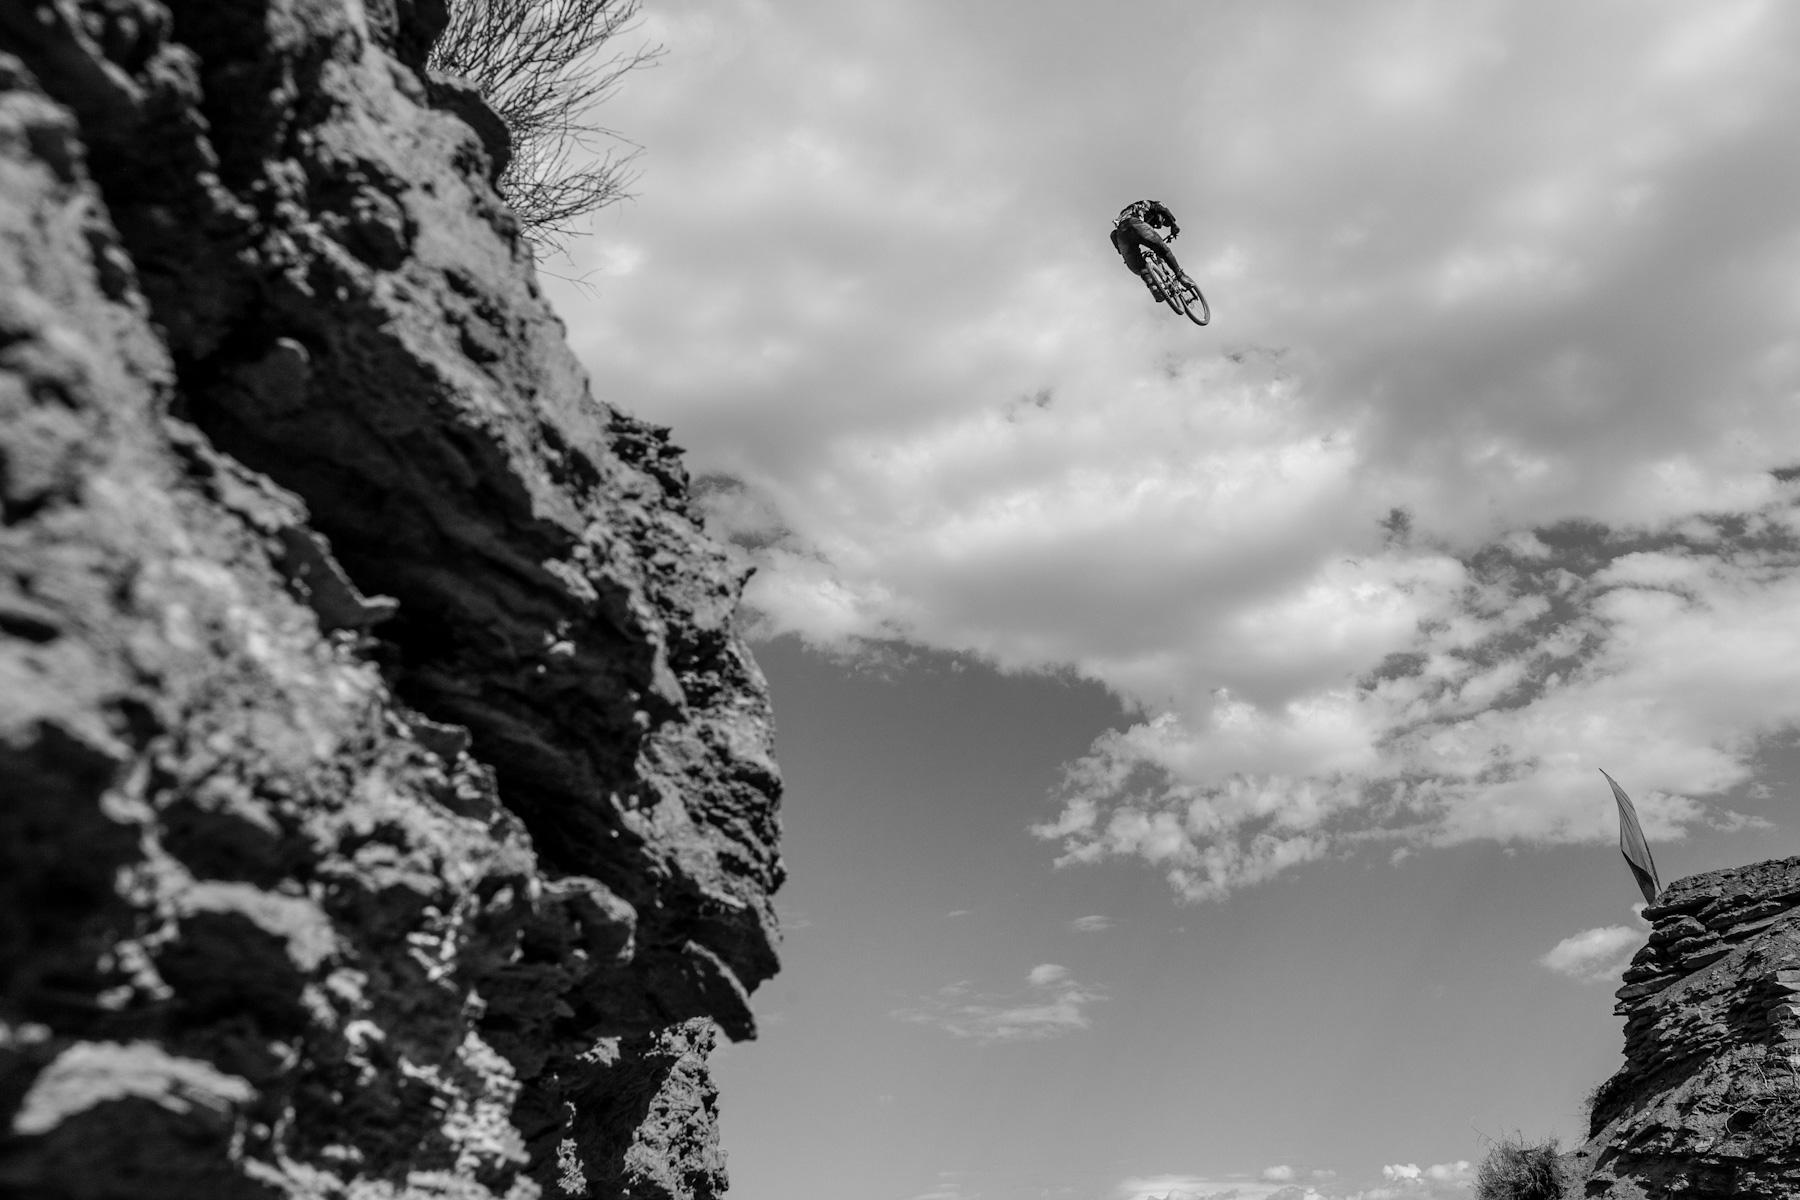 Loulou volant sur le canyon